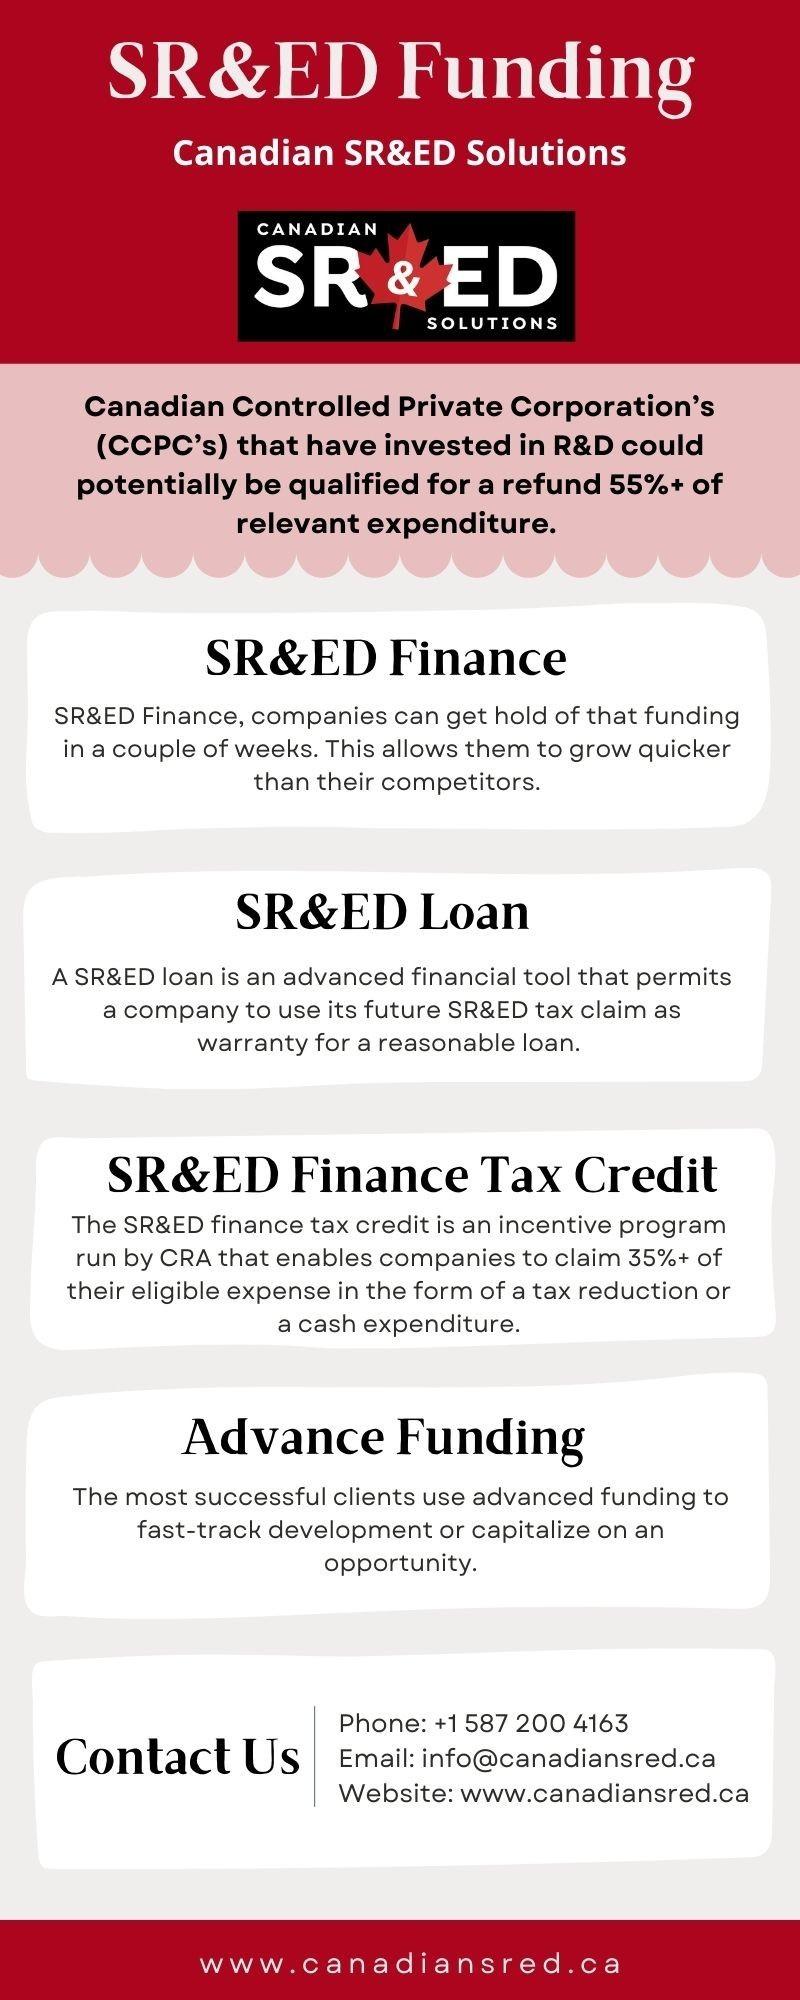 SR&ED Funding – Canadian SR&ED